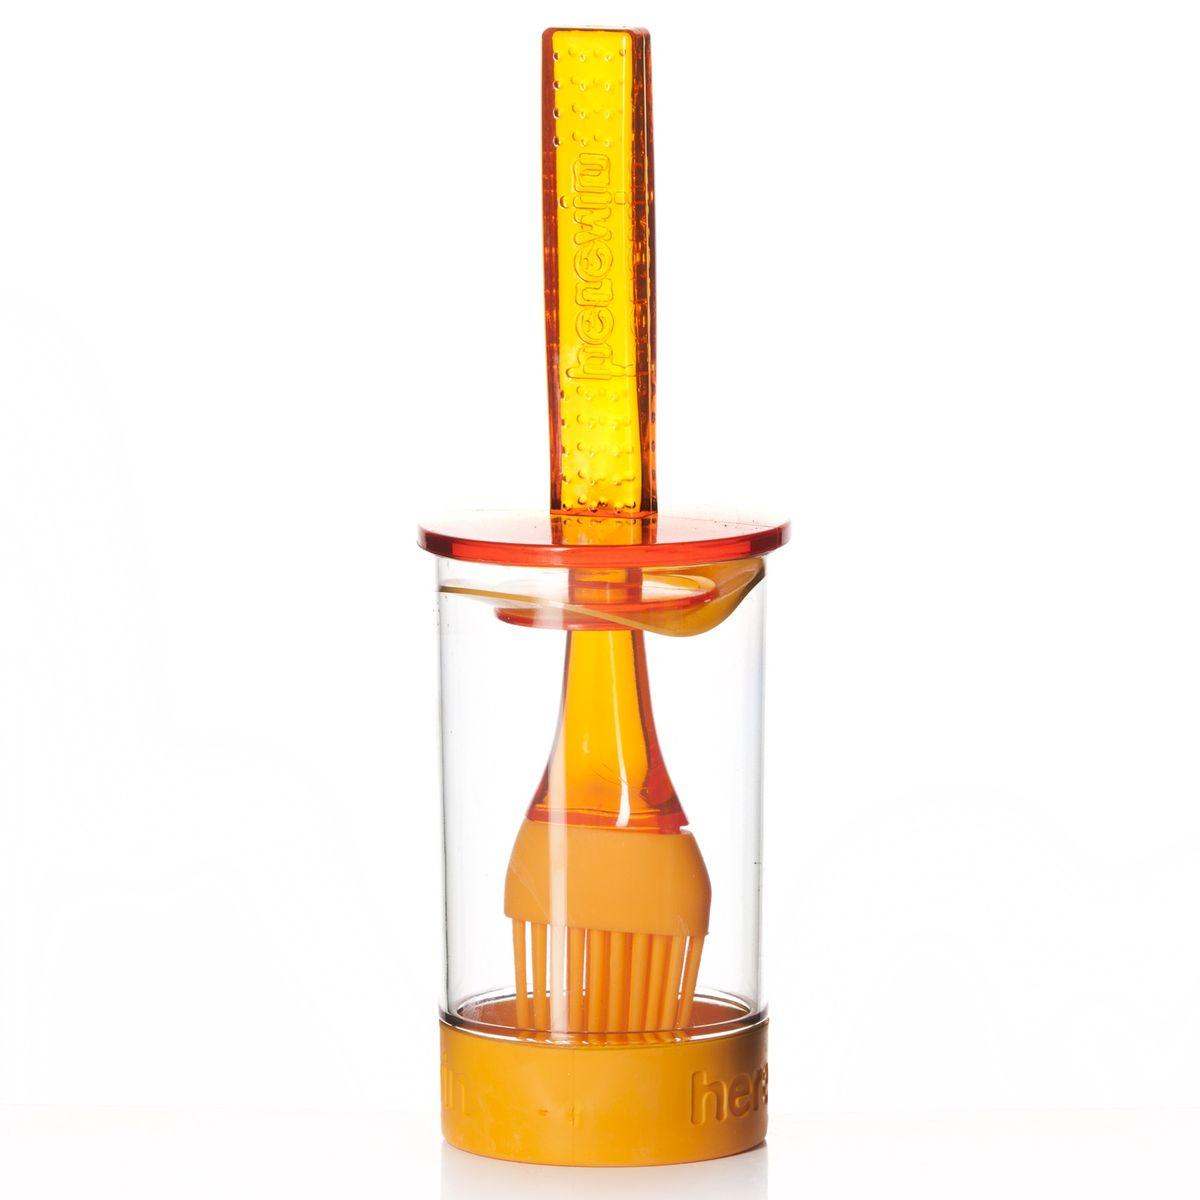 Емкость для соуса Herevin, с кисточкой, цвет: оранжевый, 250 мл161260-000Емкость для соуса Herevin выполнена из прочного пластика. В нижней части емкости имеется вставка из приятного на ощупь силикона, который не позволит ей выскользнуть из ваших рук. Емкость плотно закрывается пластиковой крышкой с уплотнителем и встроенной силиконовой кисточкой. Кисточка хорошо распределяет соус, маринад или другую смазку. Такое удобное приспособление поможет вам смазать соусом готовое блюдо и не разбрызгать его. Налейте соус в емкость, опустите туда кисточку и, уже поднеся к пирогу или мясу, смазывайте. Также емкость прекрасно подходит для приготовления и хранения соуса, маринада.Диаметр емкости: 6 см.Высота емкости (без учета крышки): 11 см.Длина кисточки: 20 см.Уважаемые клиенты!Обращаем ваше внимание на возможные изменения в цветовом дизайне товара, связанные с ассортиментом продукции. Поставка осуществляется в зависимости от наличия на складе.